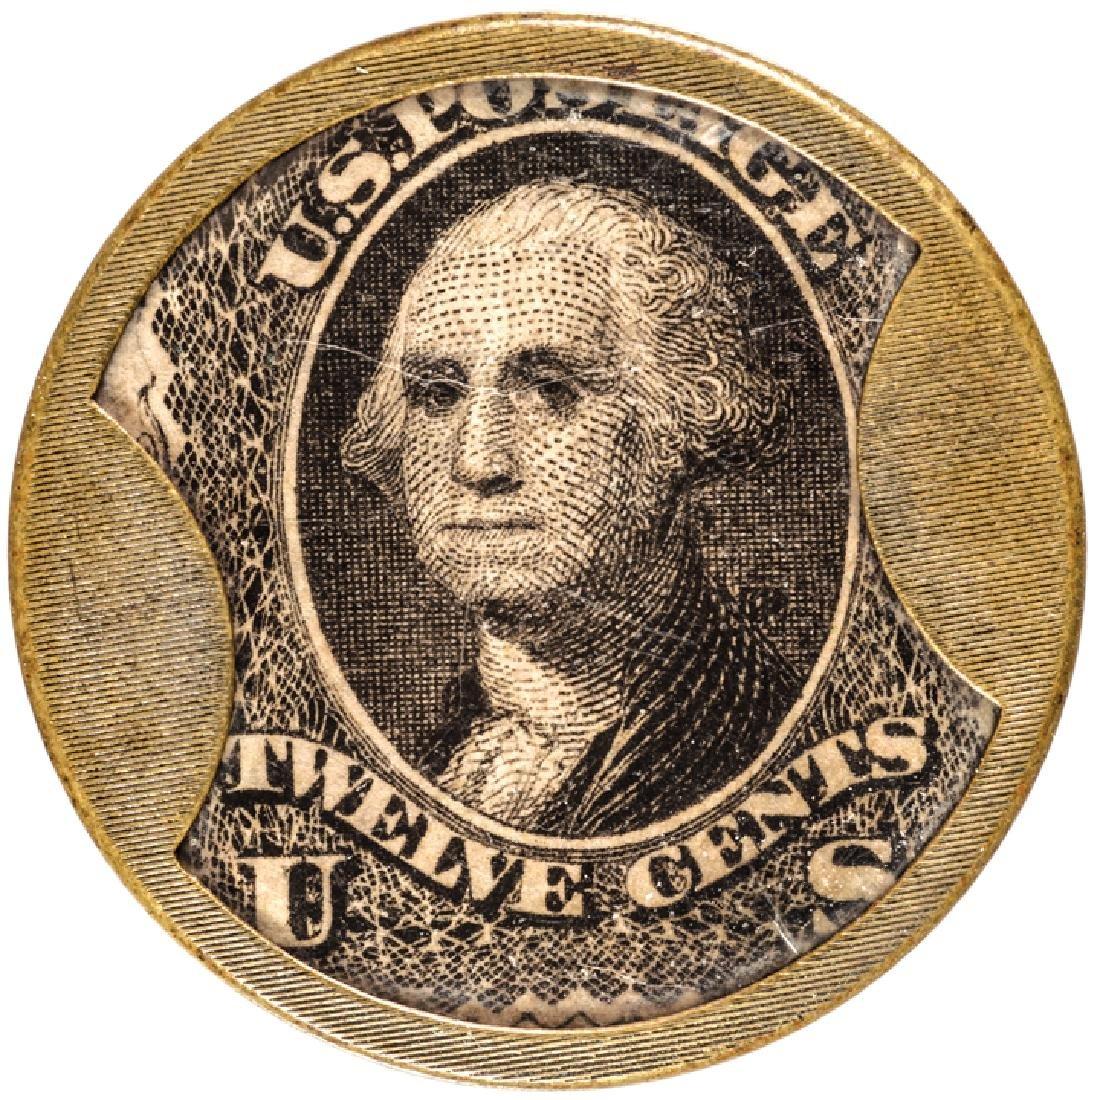 Encased Postage Stamp, EP-151, 12 Cents HUNT+NASH